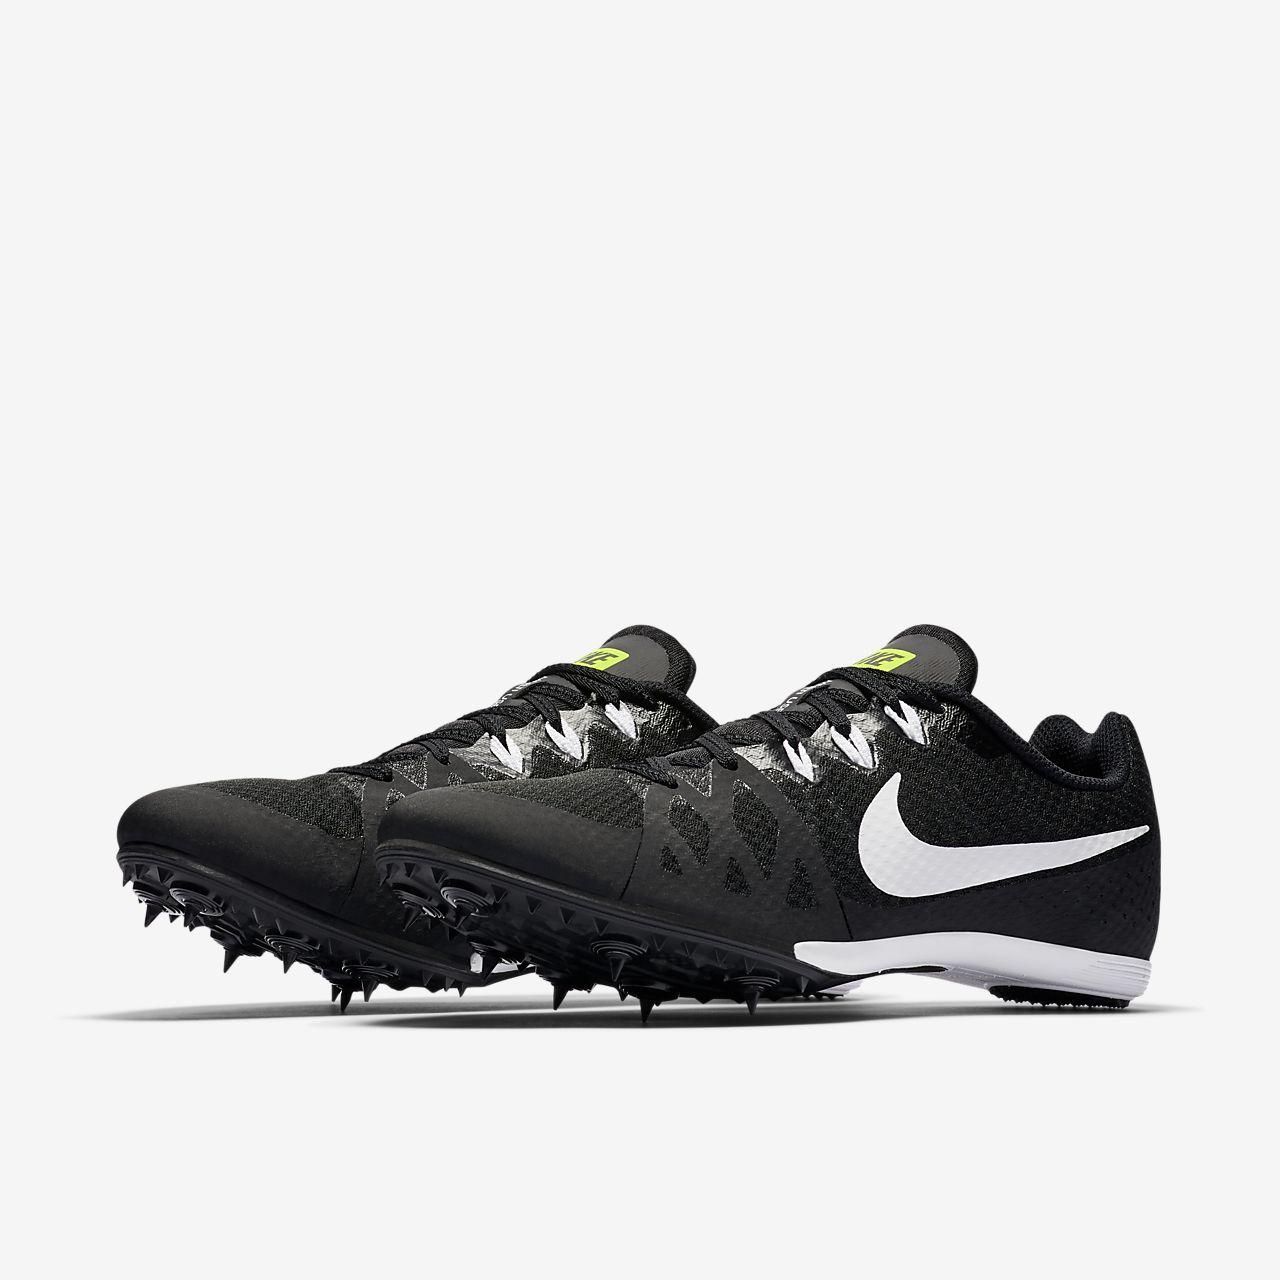 premium selection 20e7a 8f2ca Nike Zoom Rival M 8